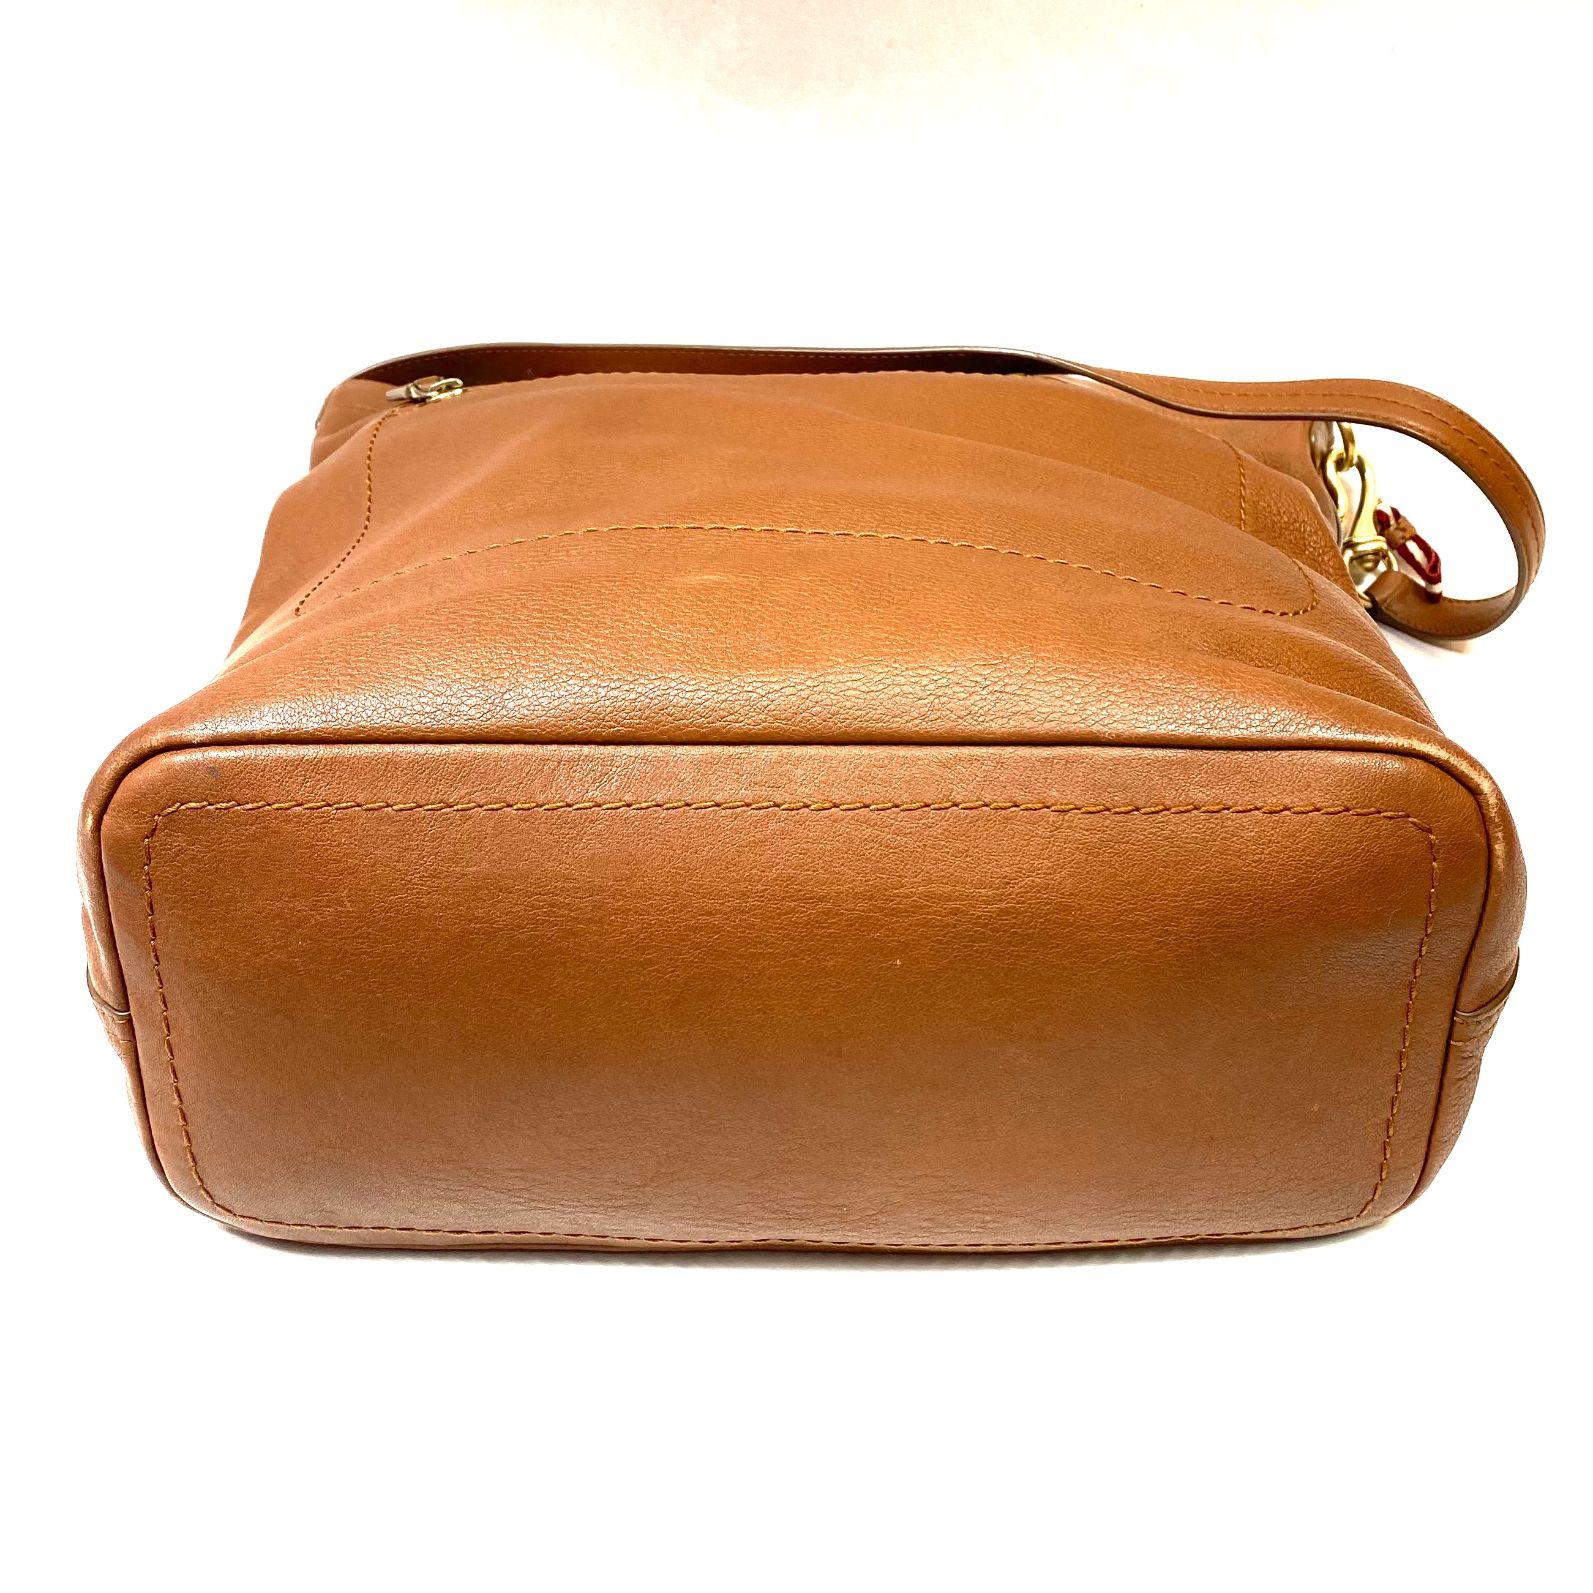 Bolsa Bally Caramelo